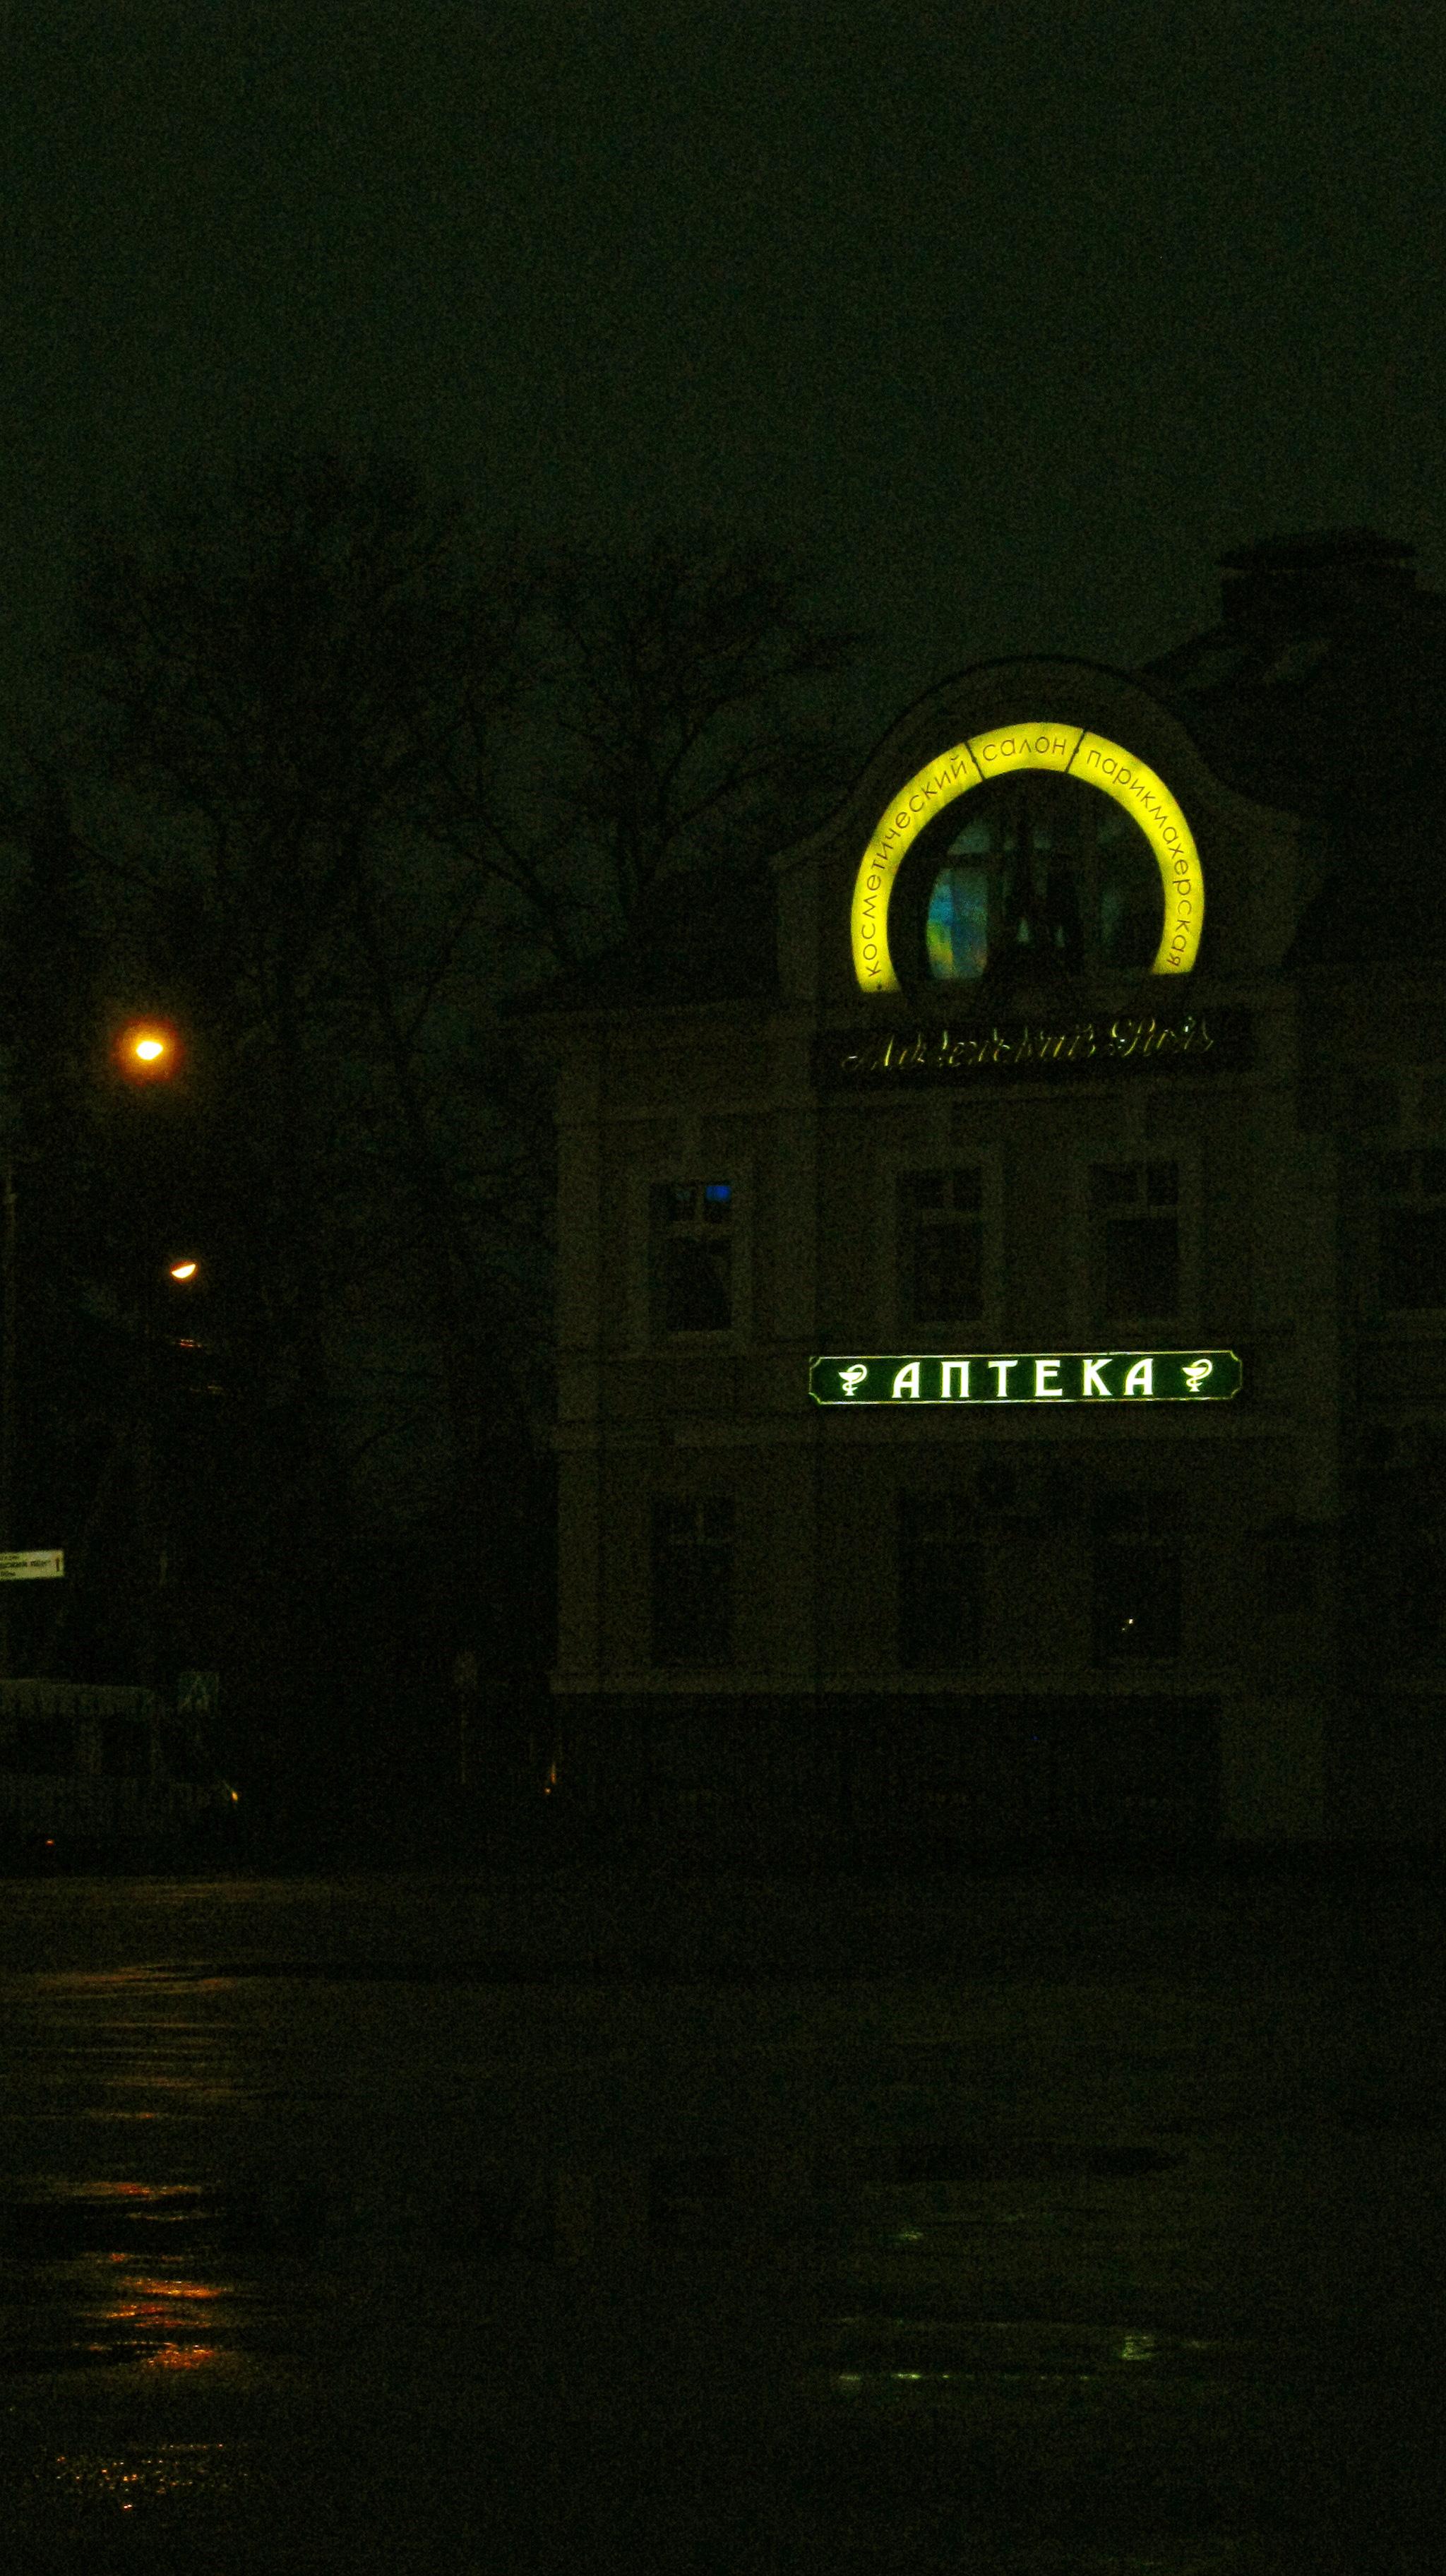 Улица фонарь аптека 19 фотография